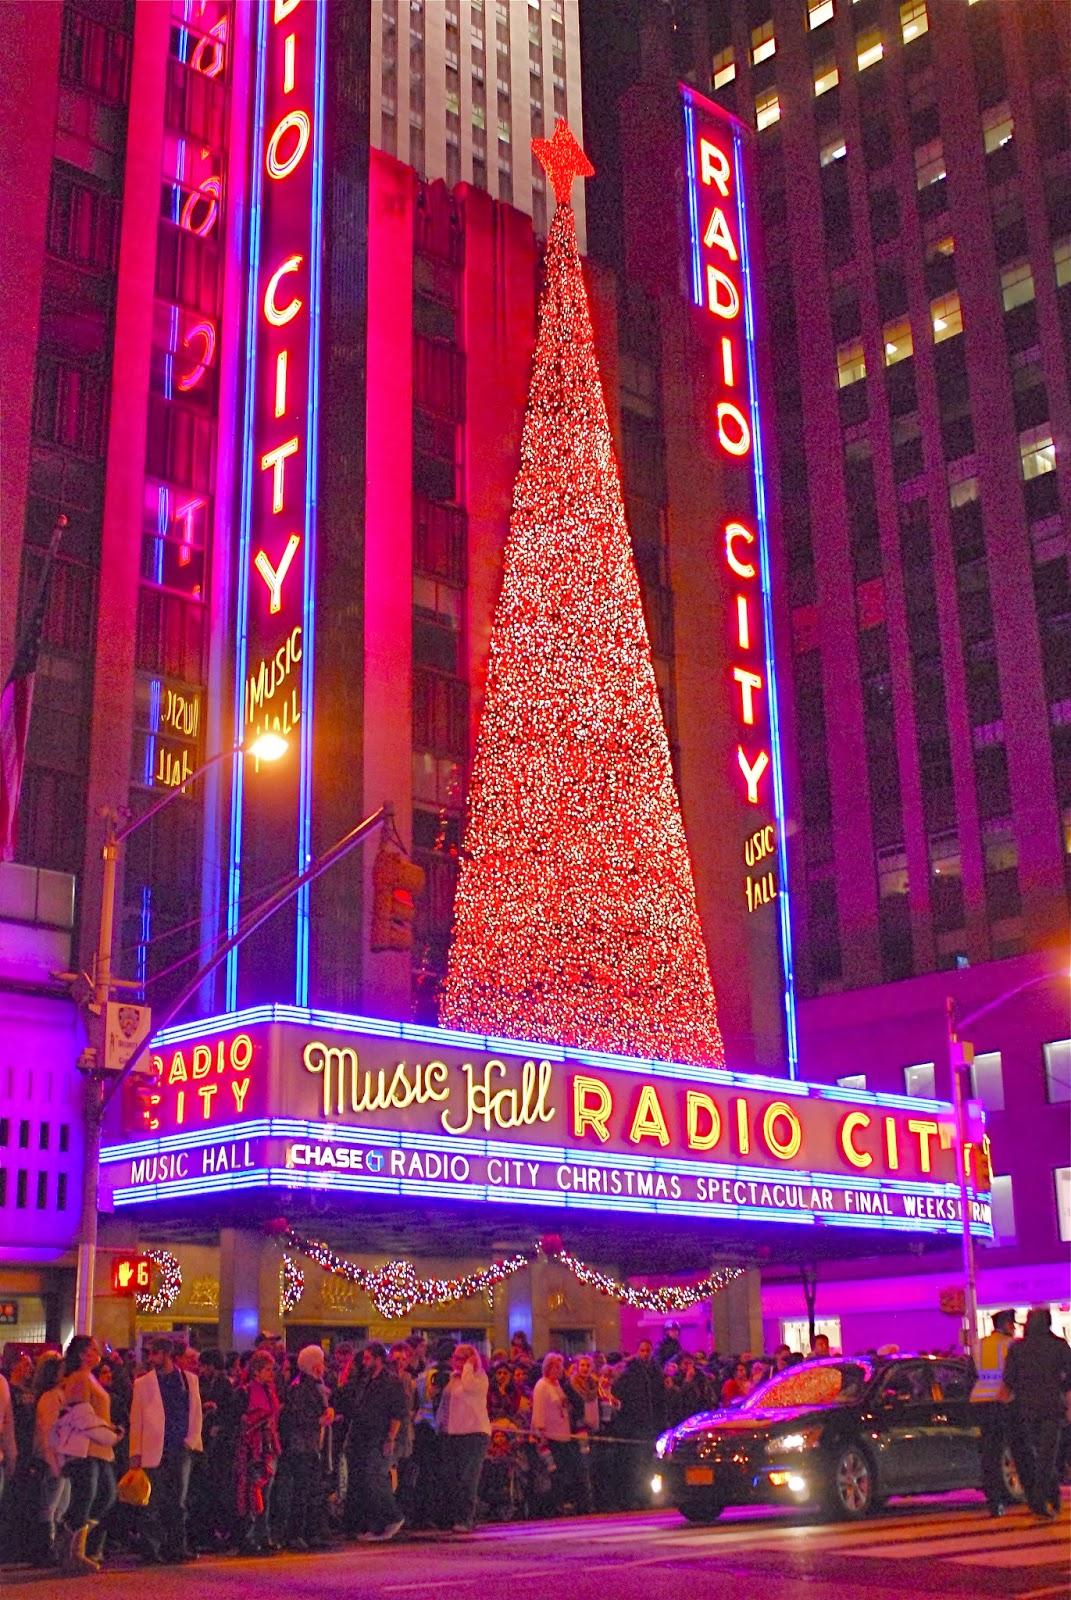 Nyc Nyc Radio City Music Hall Christmas